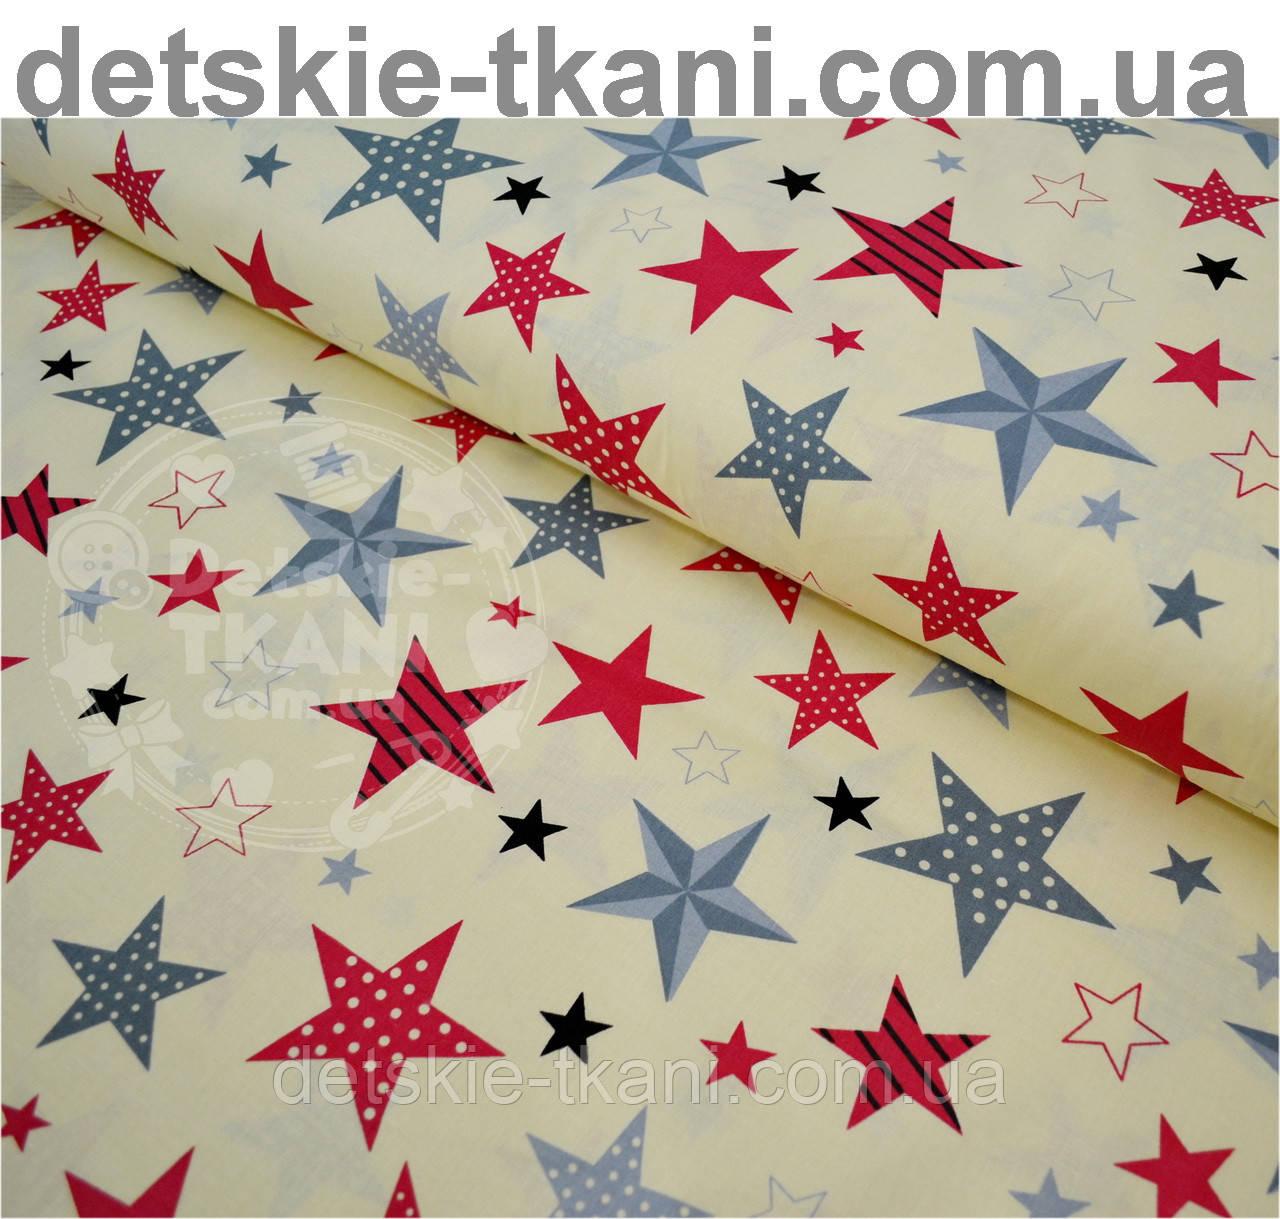 Ткань с серыми и красными звёздами на бежевом фоне № 496а